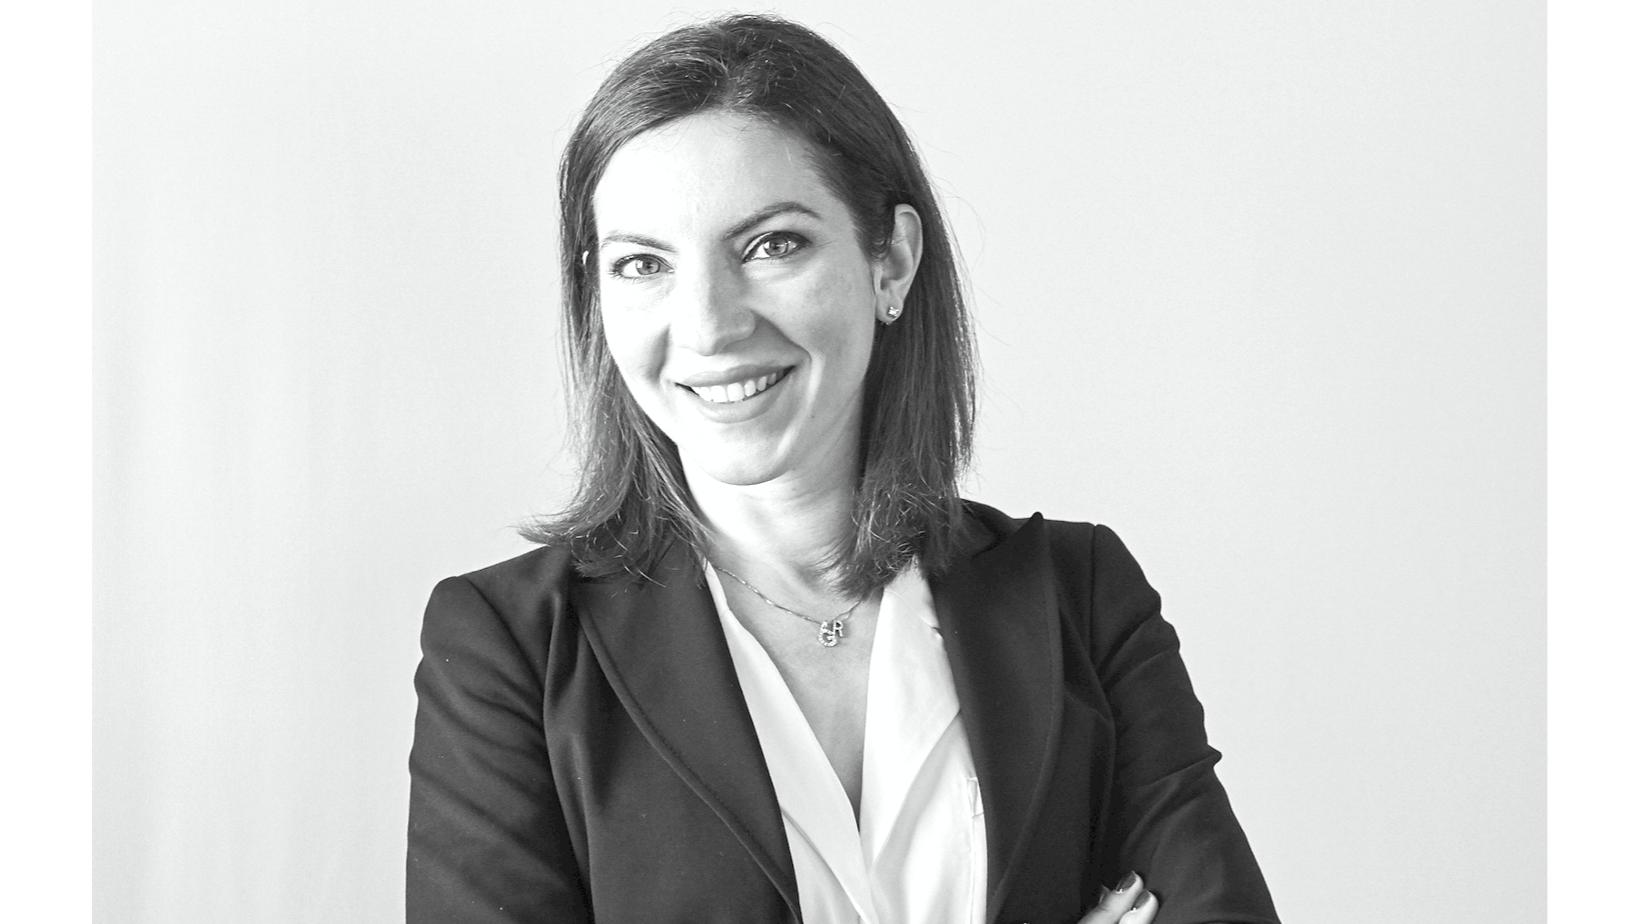 Dallo studio legale allo smartworking: intervista all'avvocato Livia Carnevale